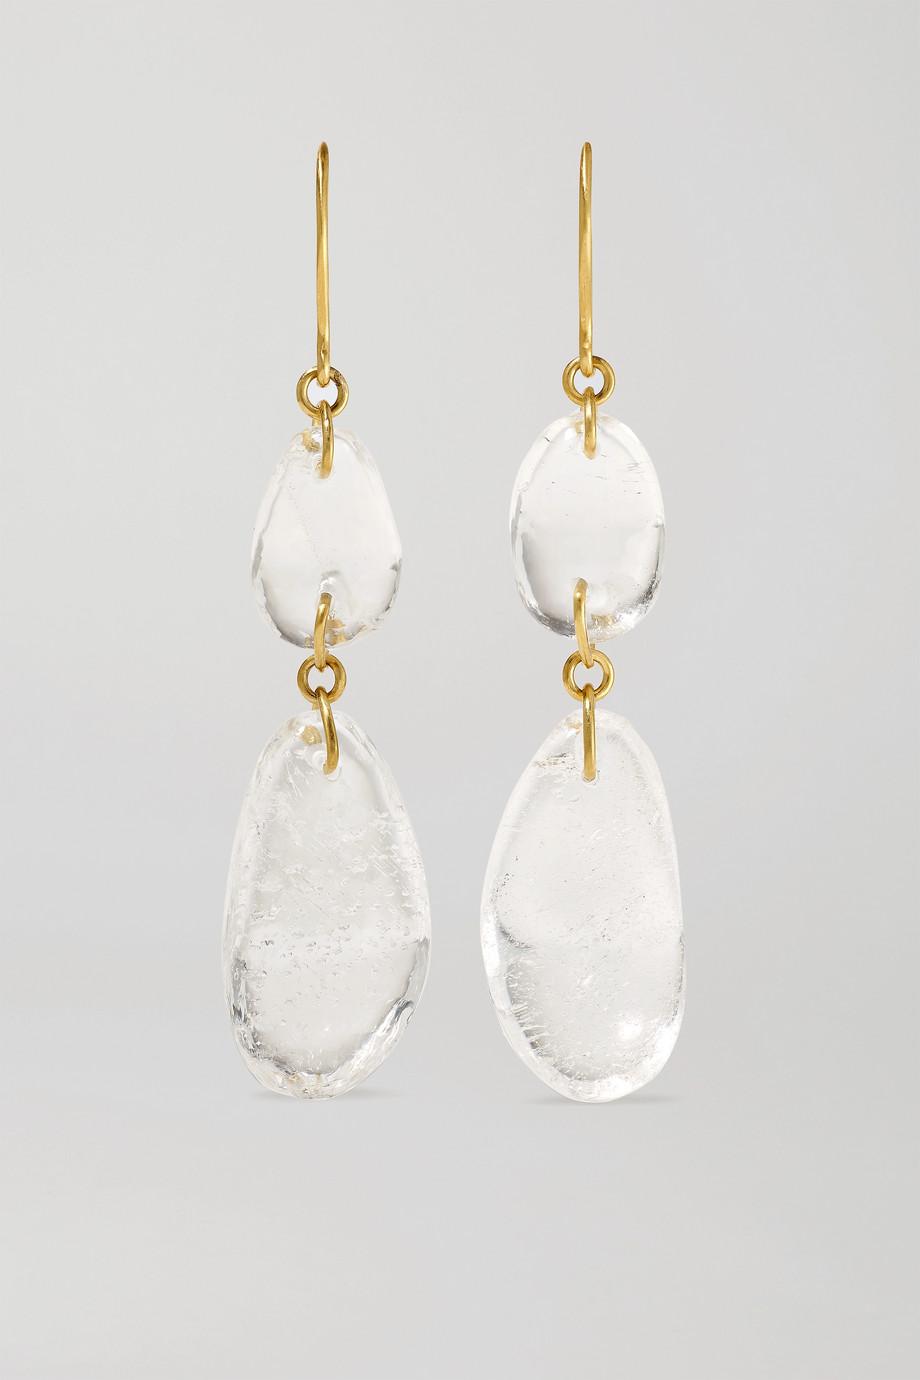 Pippa Small Boucles d'oreilles en or 18 carats et cristaux